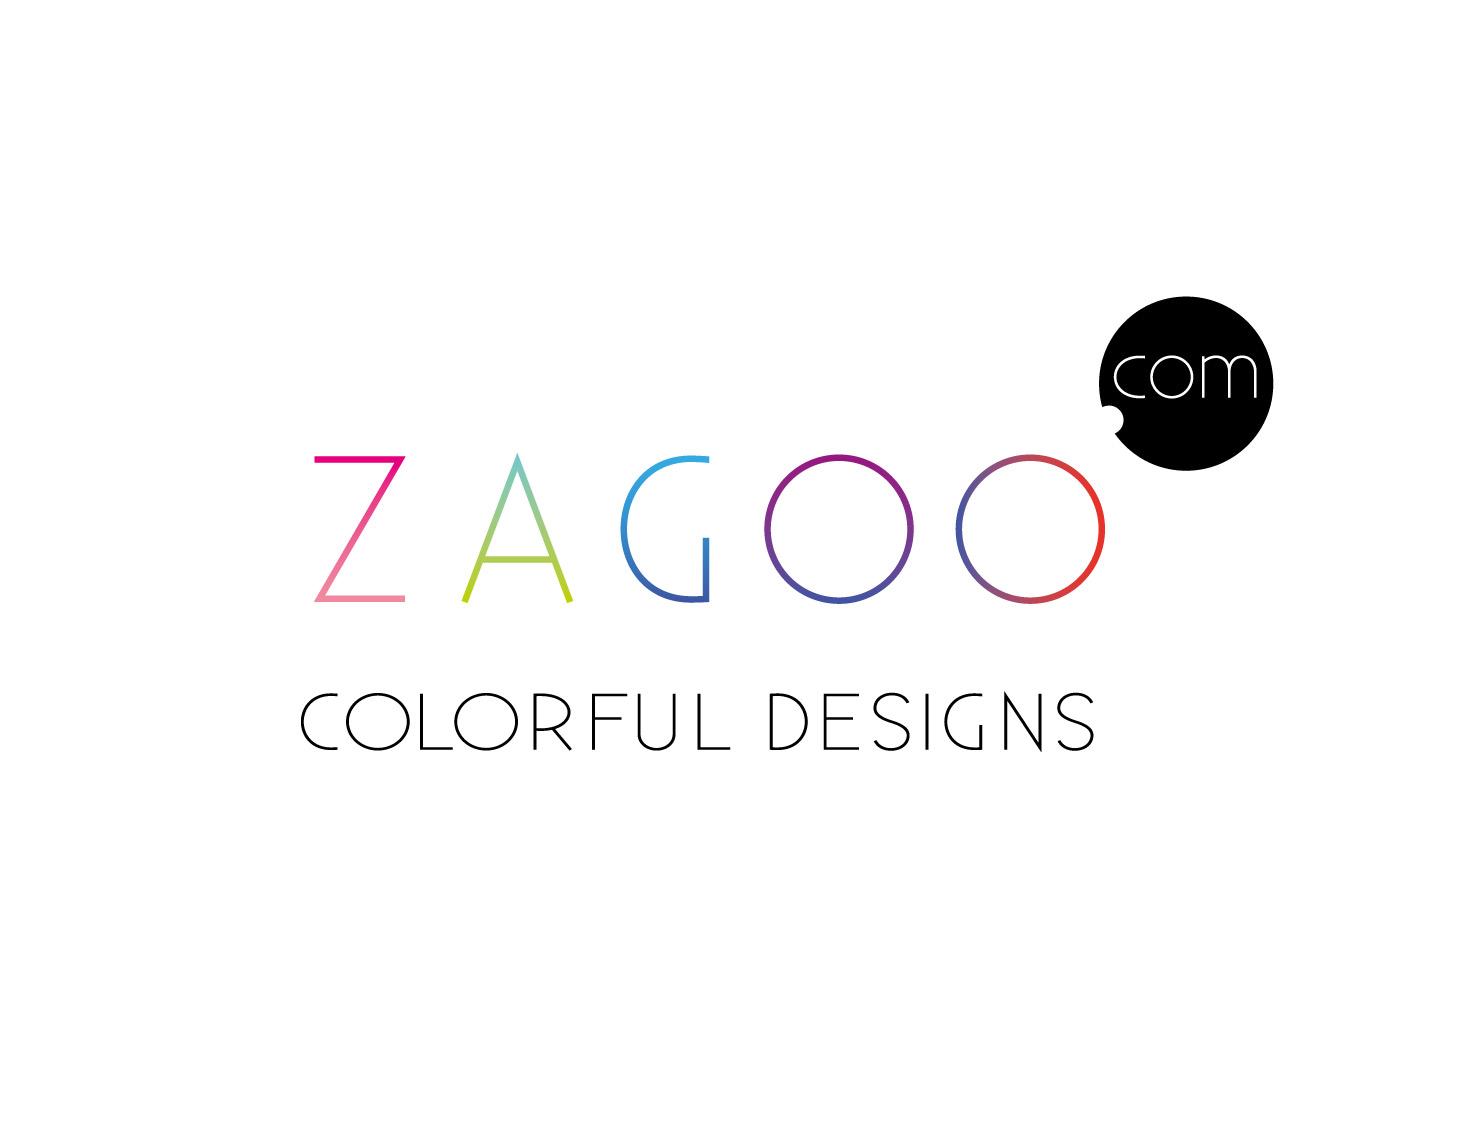 zagoo_logo